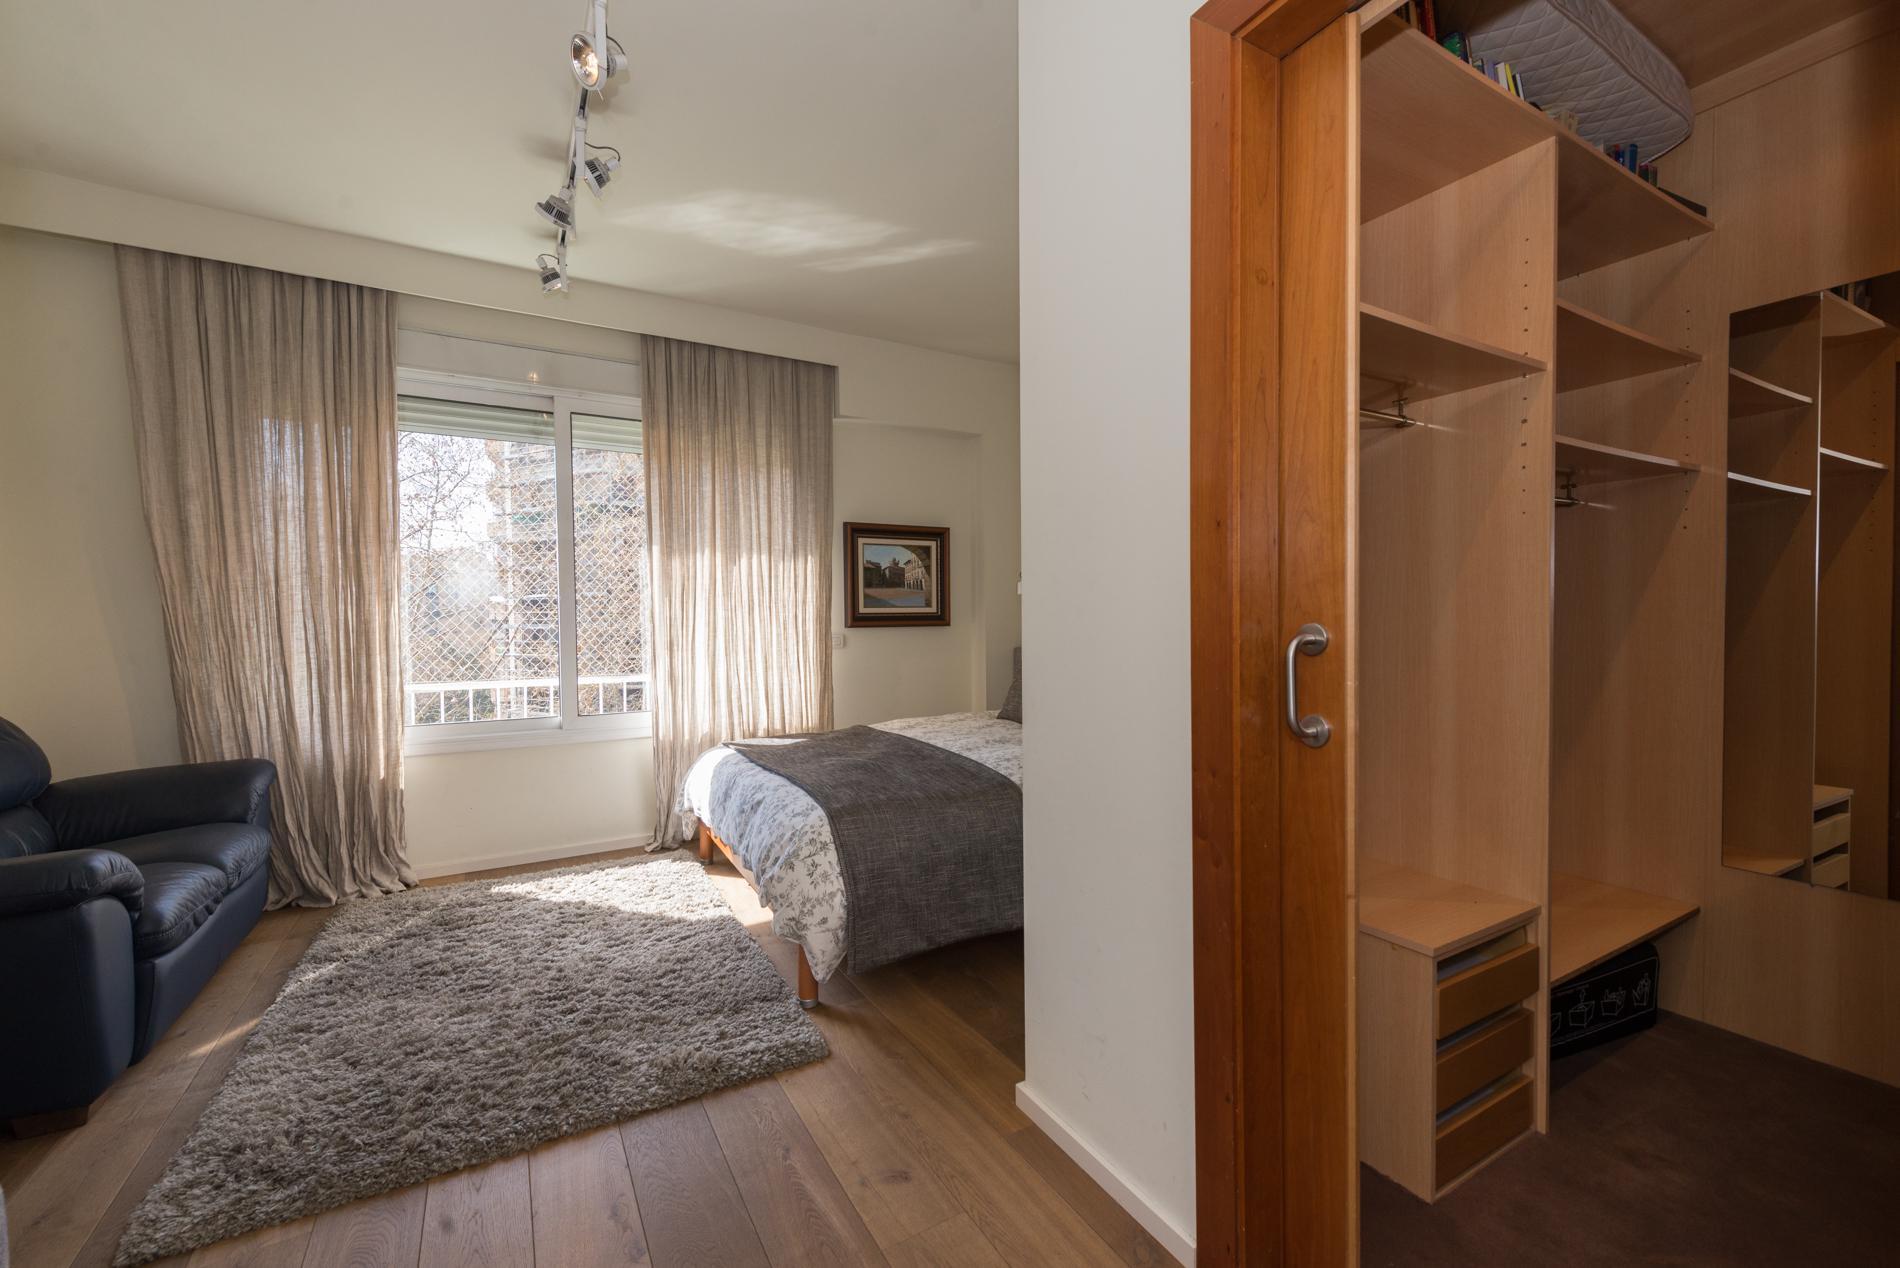 222426 Apartment for sale in Eixample, Dreta Eixample 25